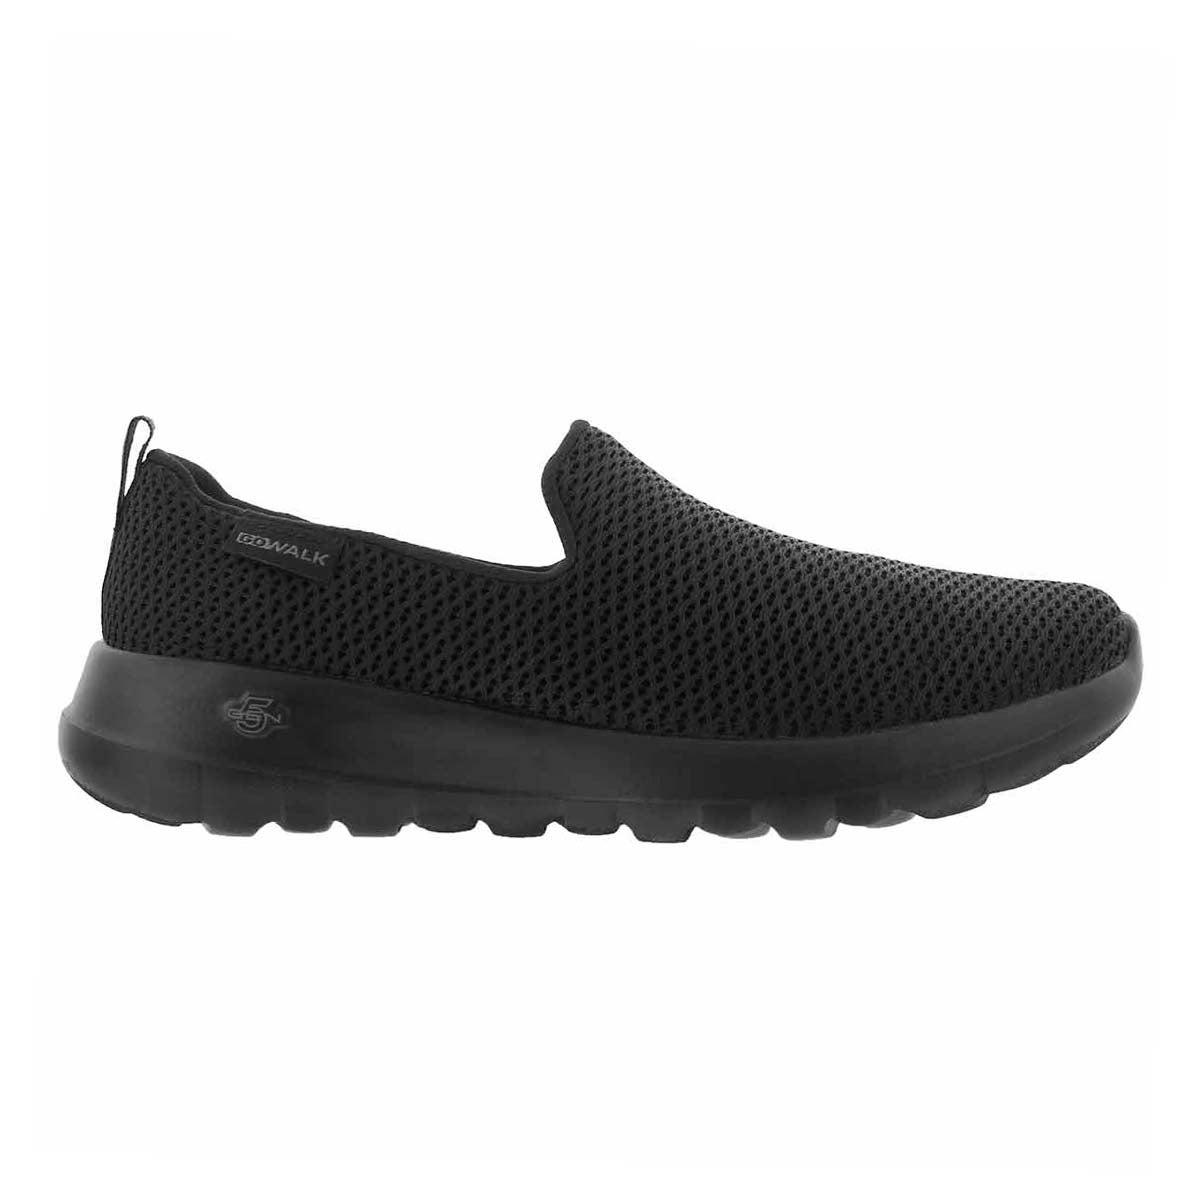 Lds GOwalk Joy blk slip on shoe